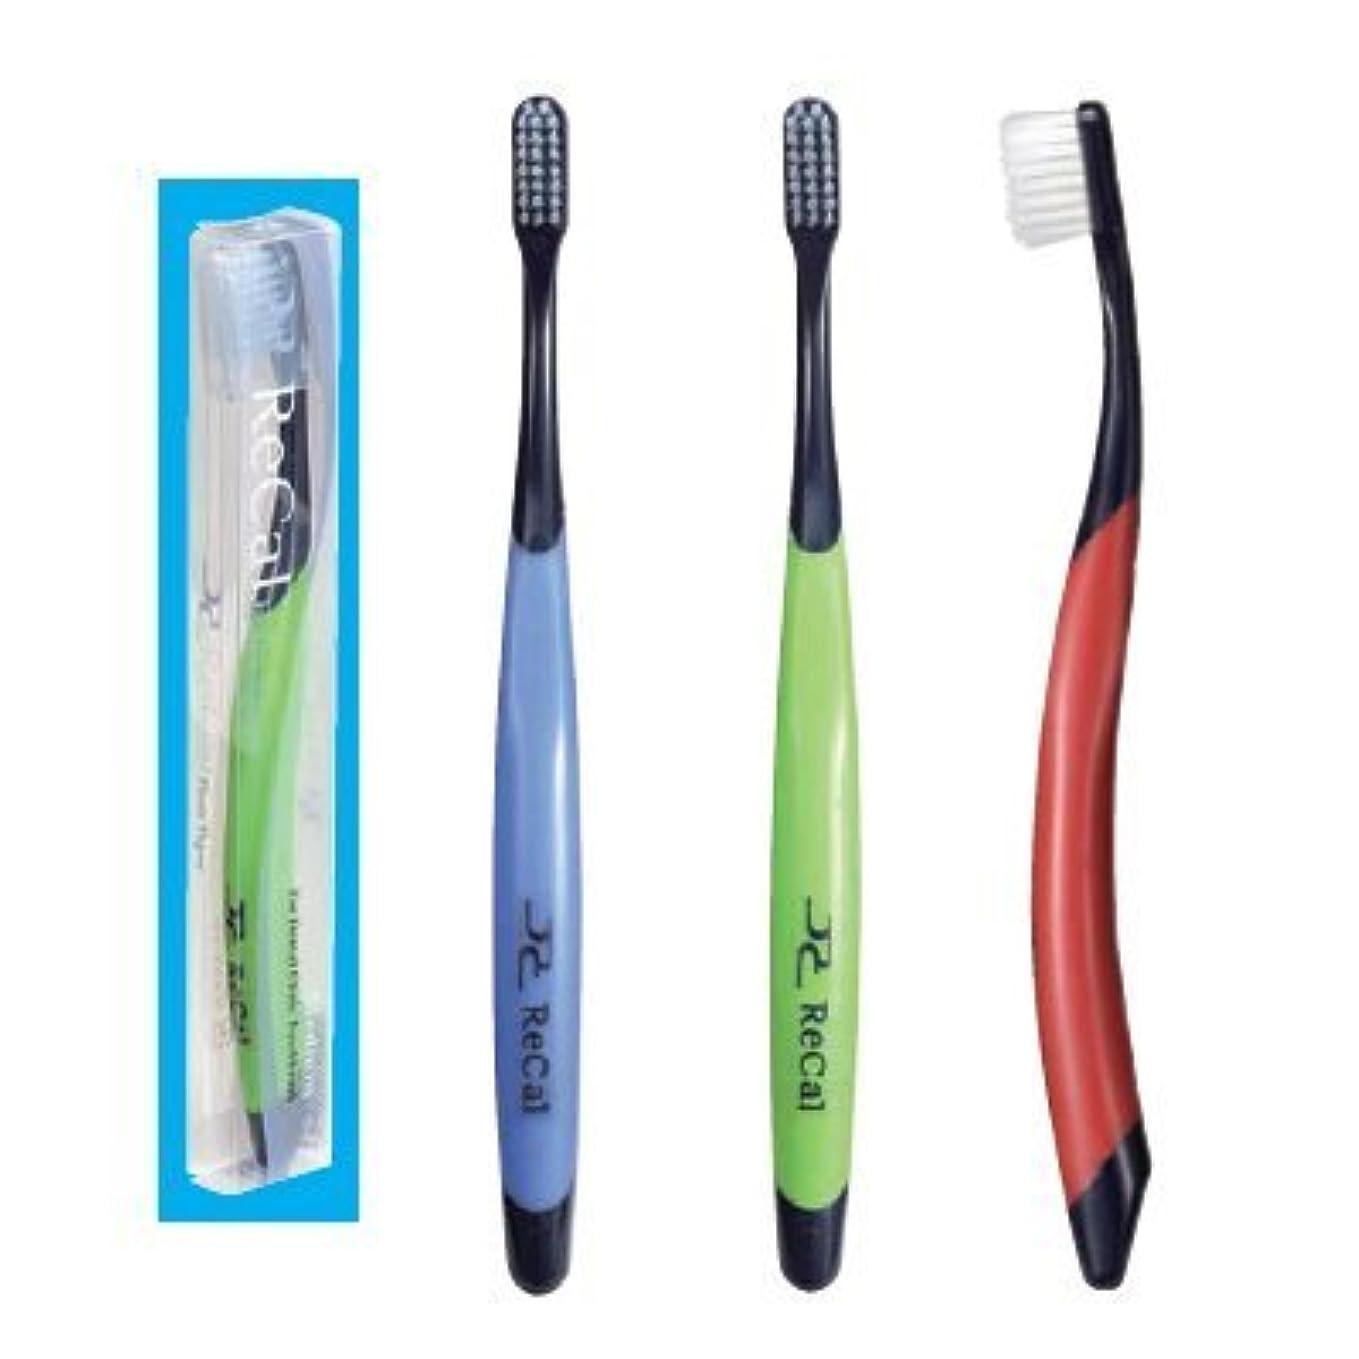 実り多い状余剰リカル歯ブラシ フロステーパー毛(Mふつう)ブラックハンドル キャップ+プラケース付き 3本入り